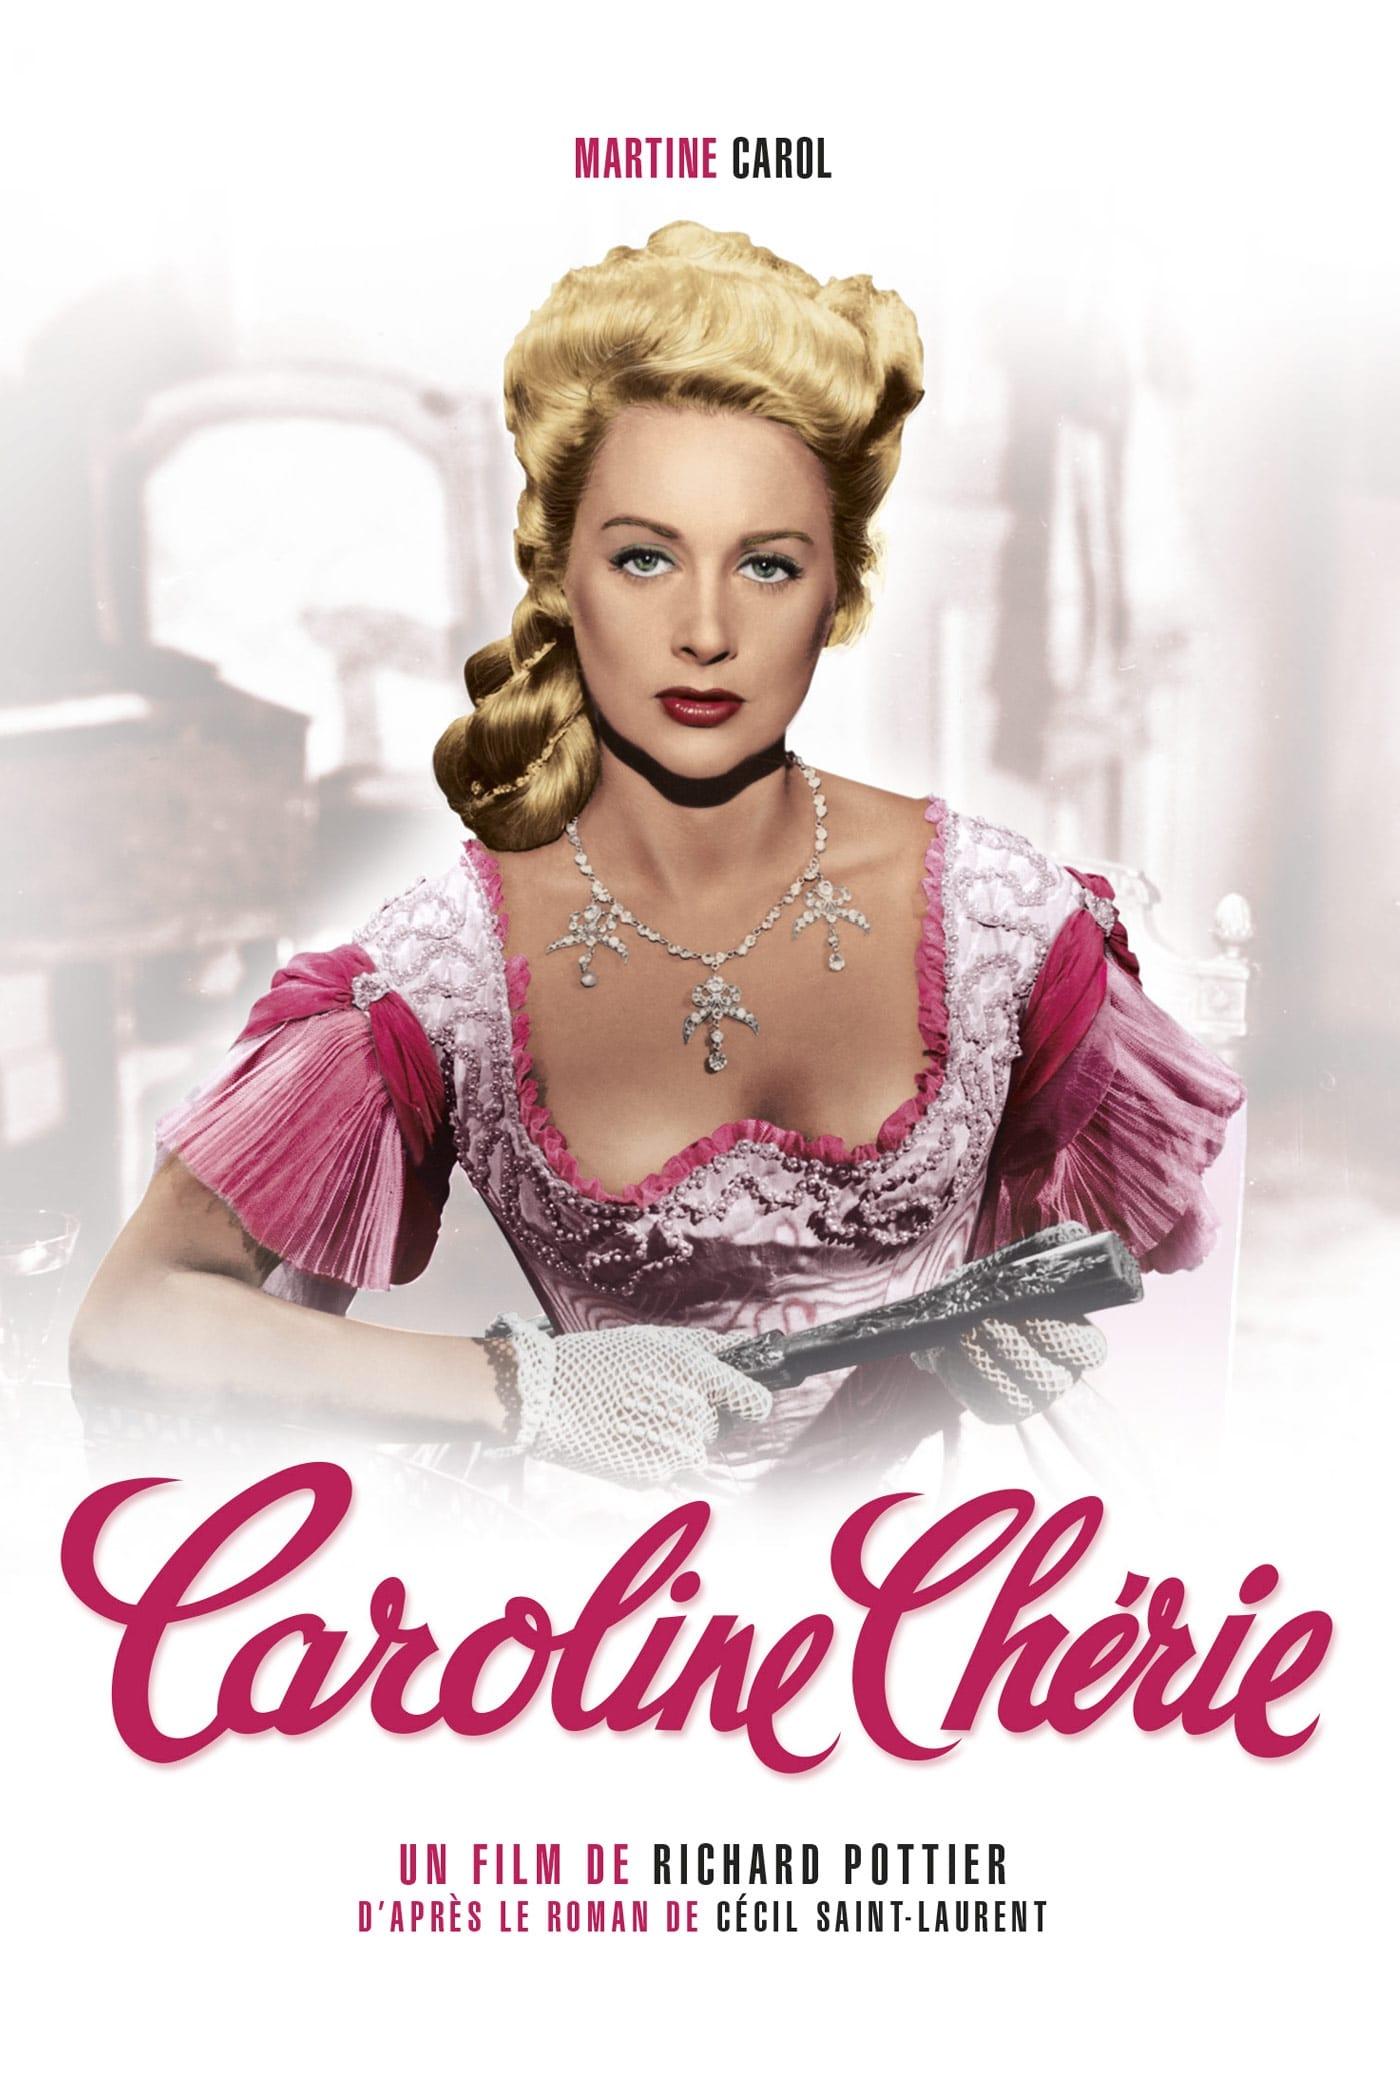 Dear Caroline